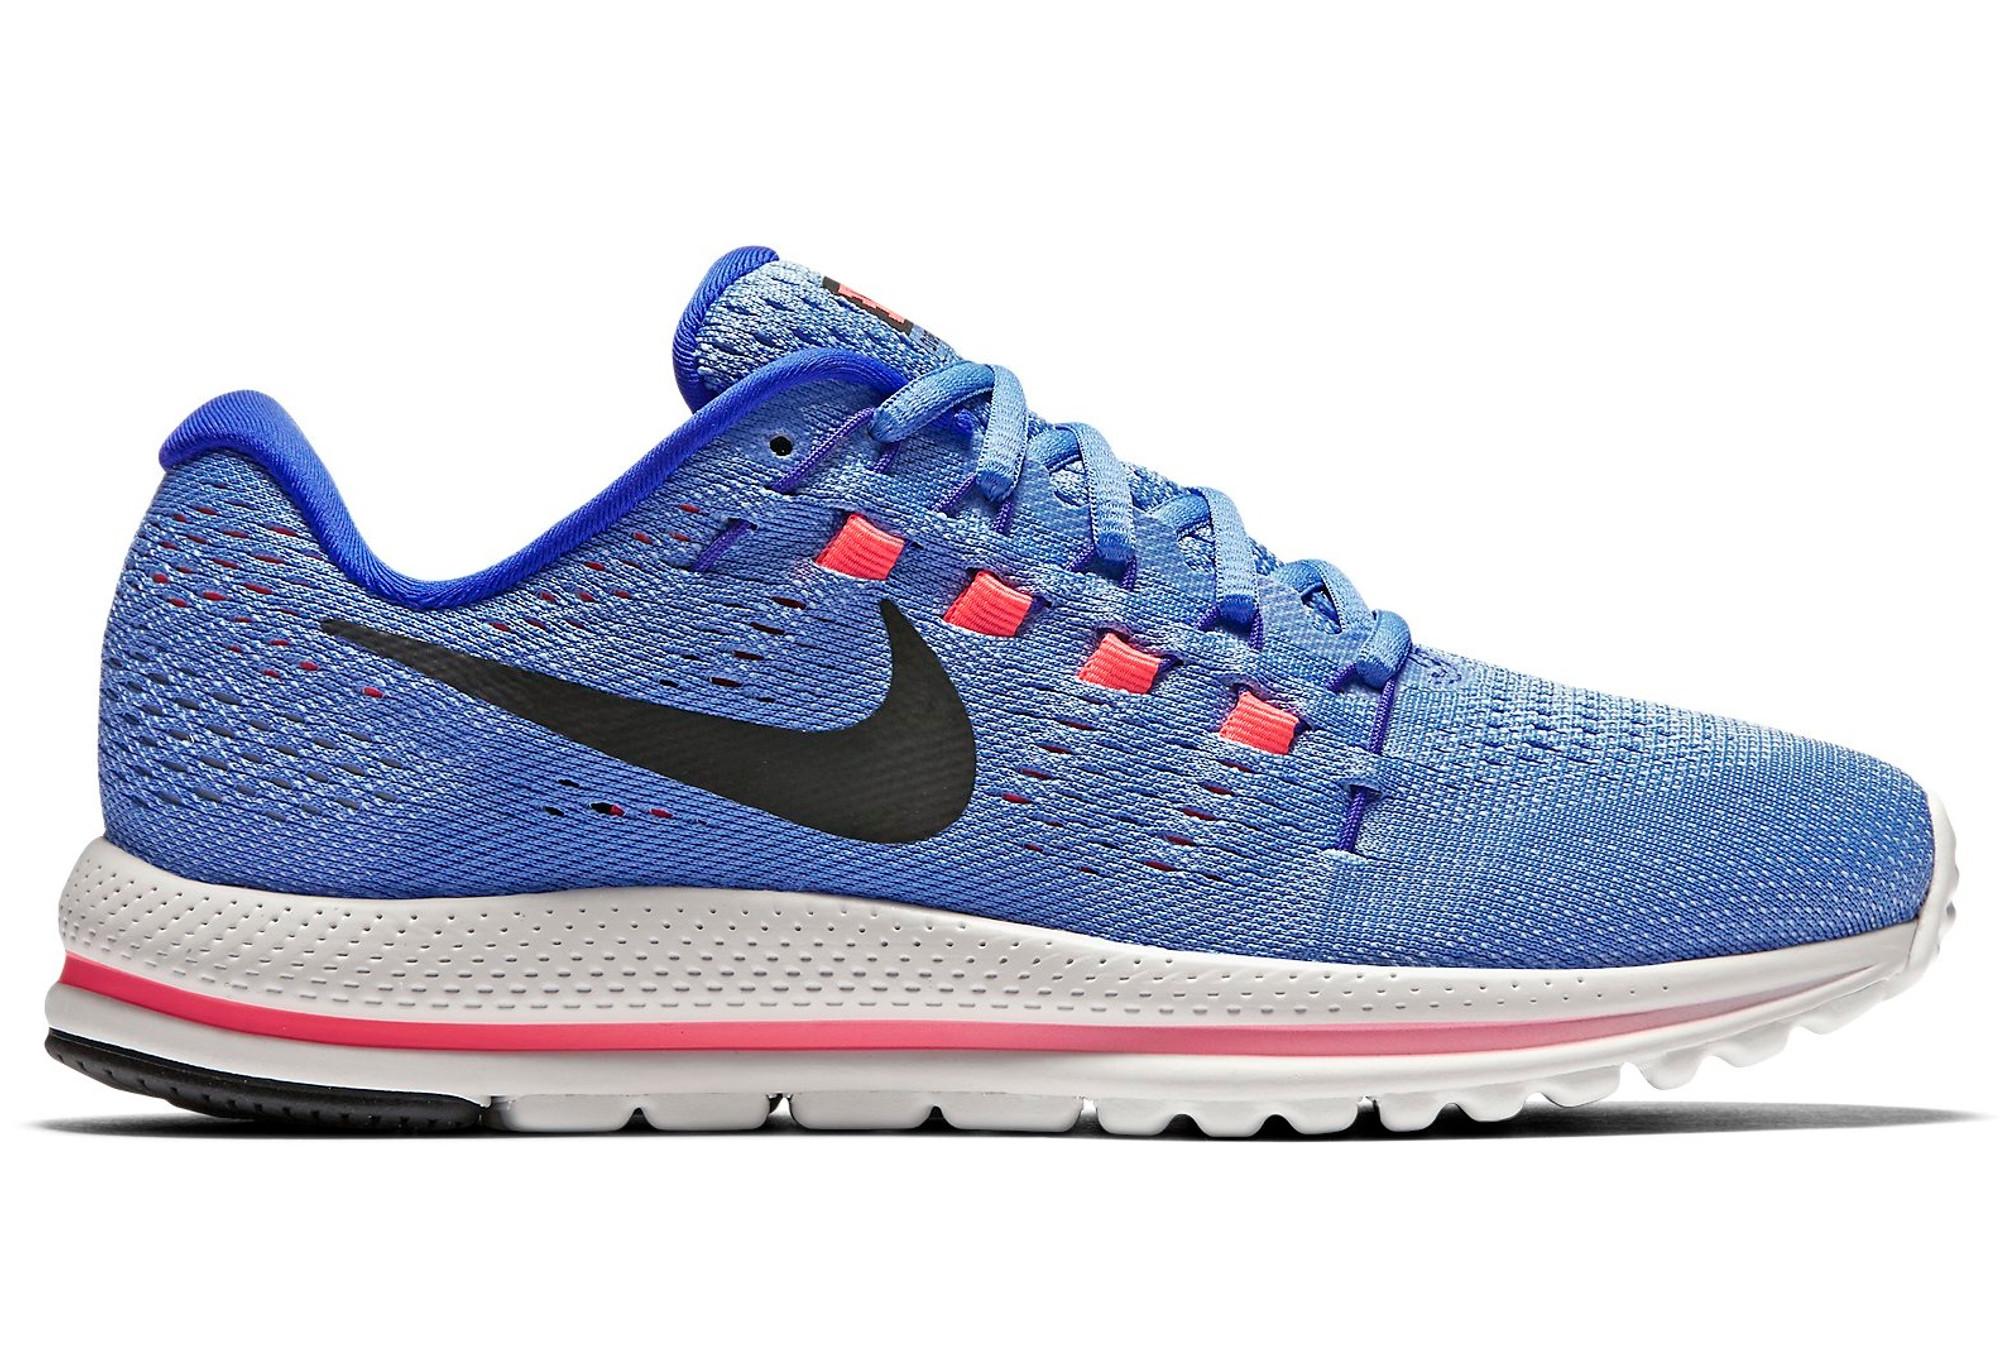 5db735d77d5a1 Chaussures de Running Femme Nike AIR ZOOM VOMERO 12 Bleu